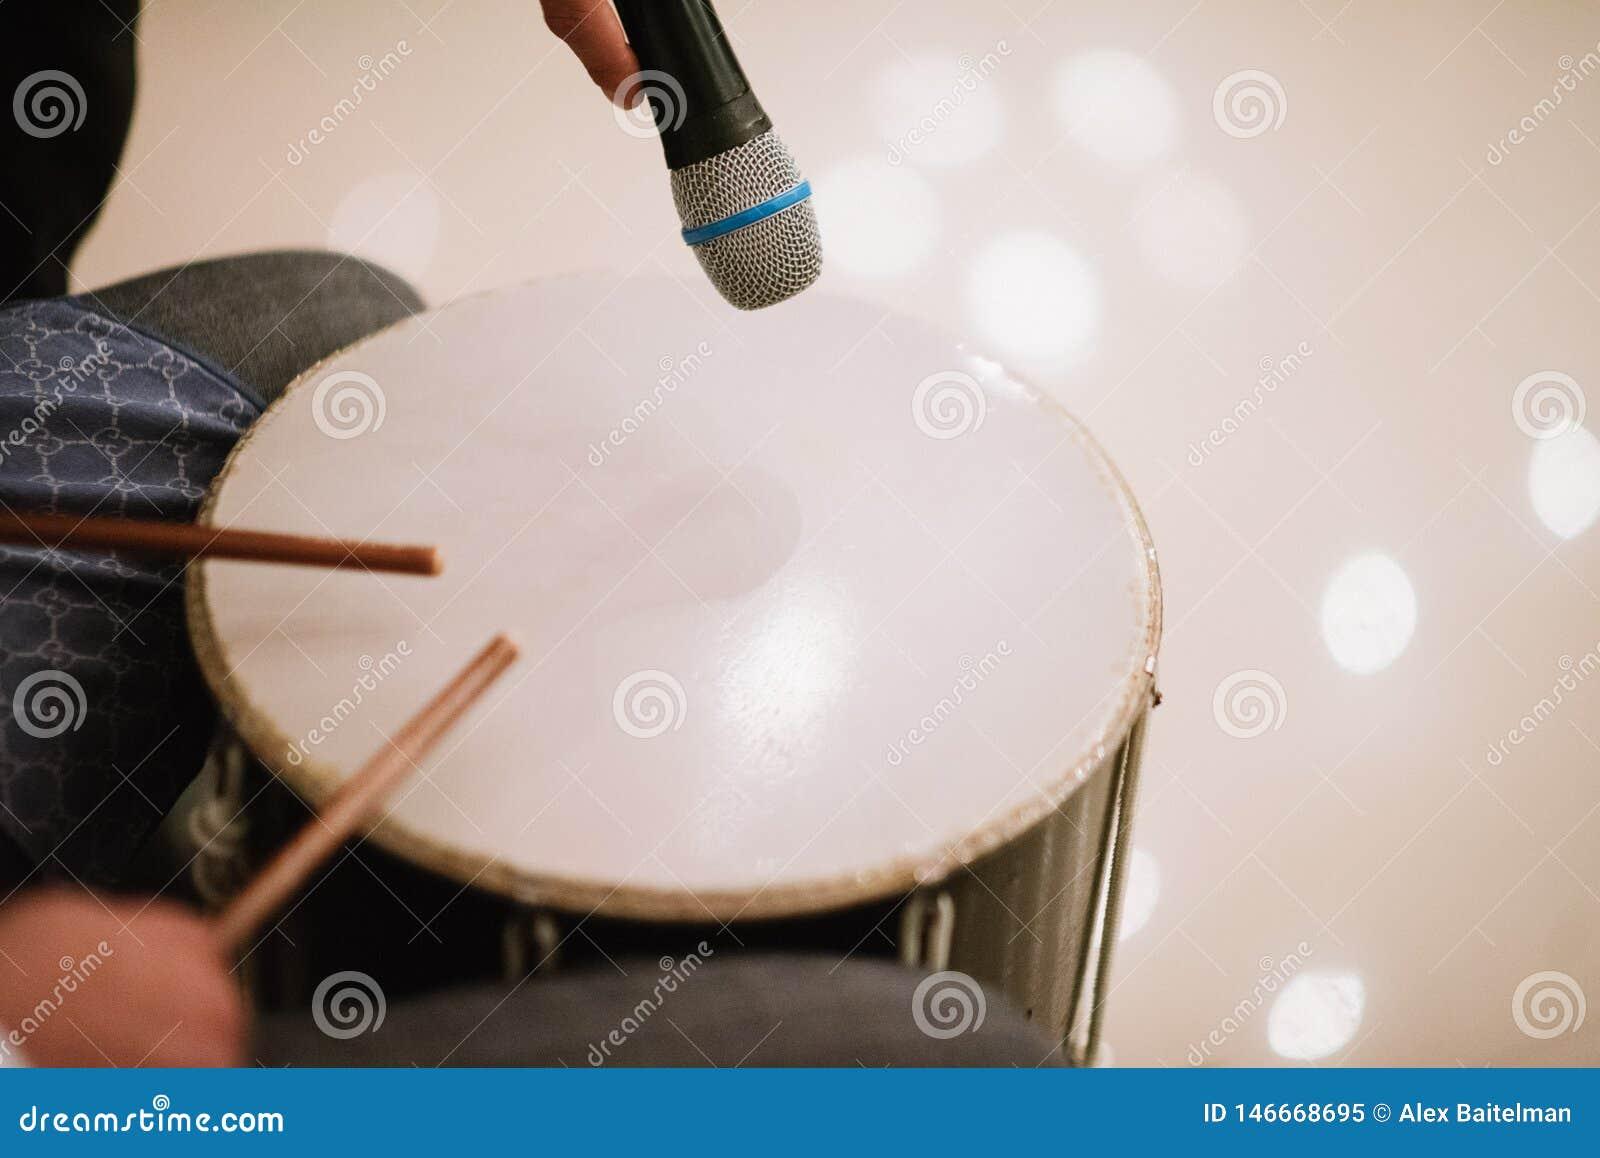 播放鼓用紧密鼓棍子的人